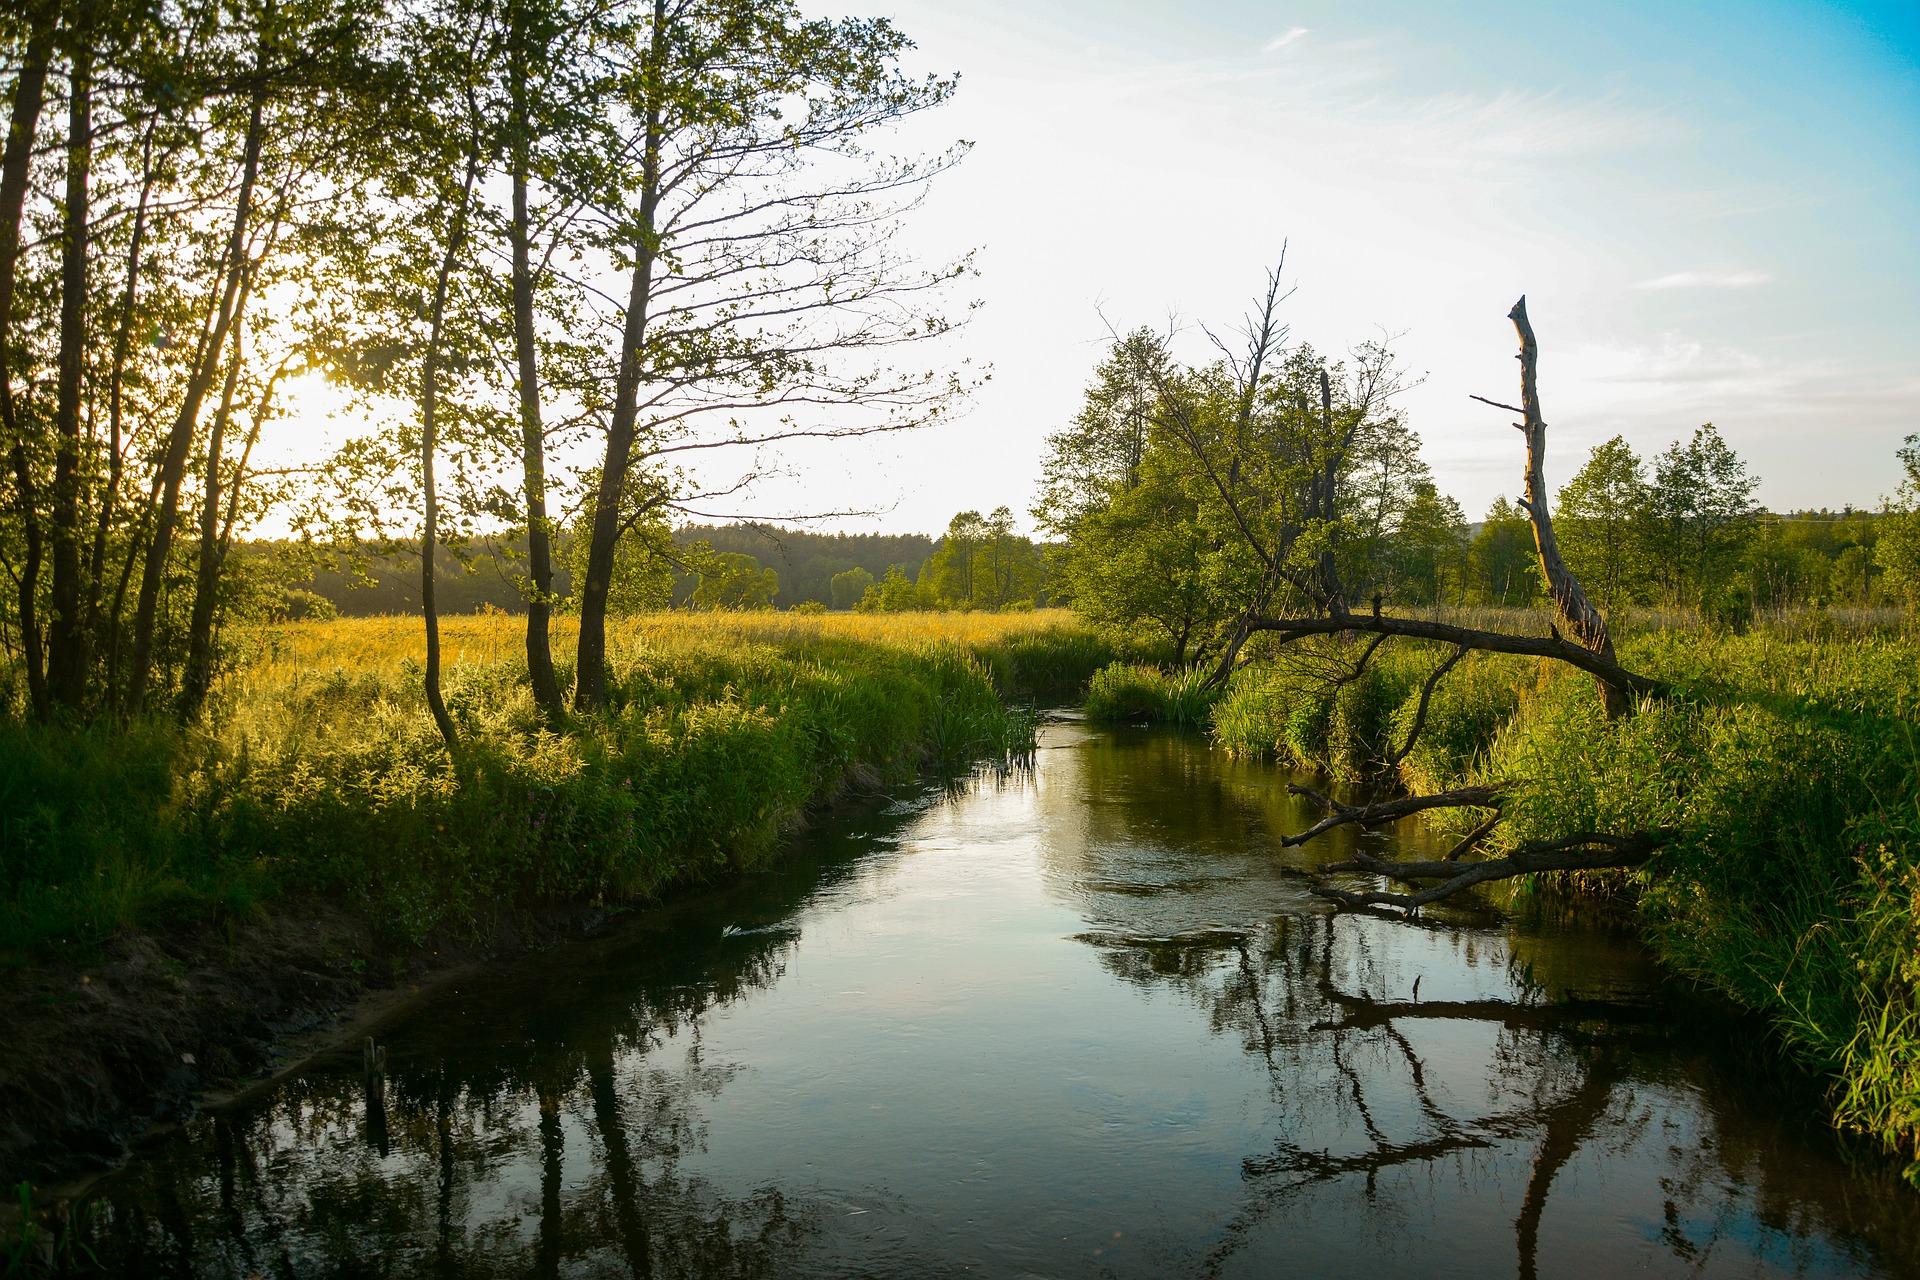 Od 1 stycznia 2022 r. podwyżki opłat za korzystanie ze śródlądowych dróg wodnych oraz śluz i pochylni